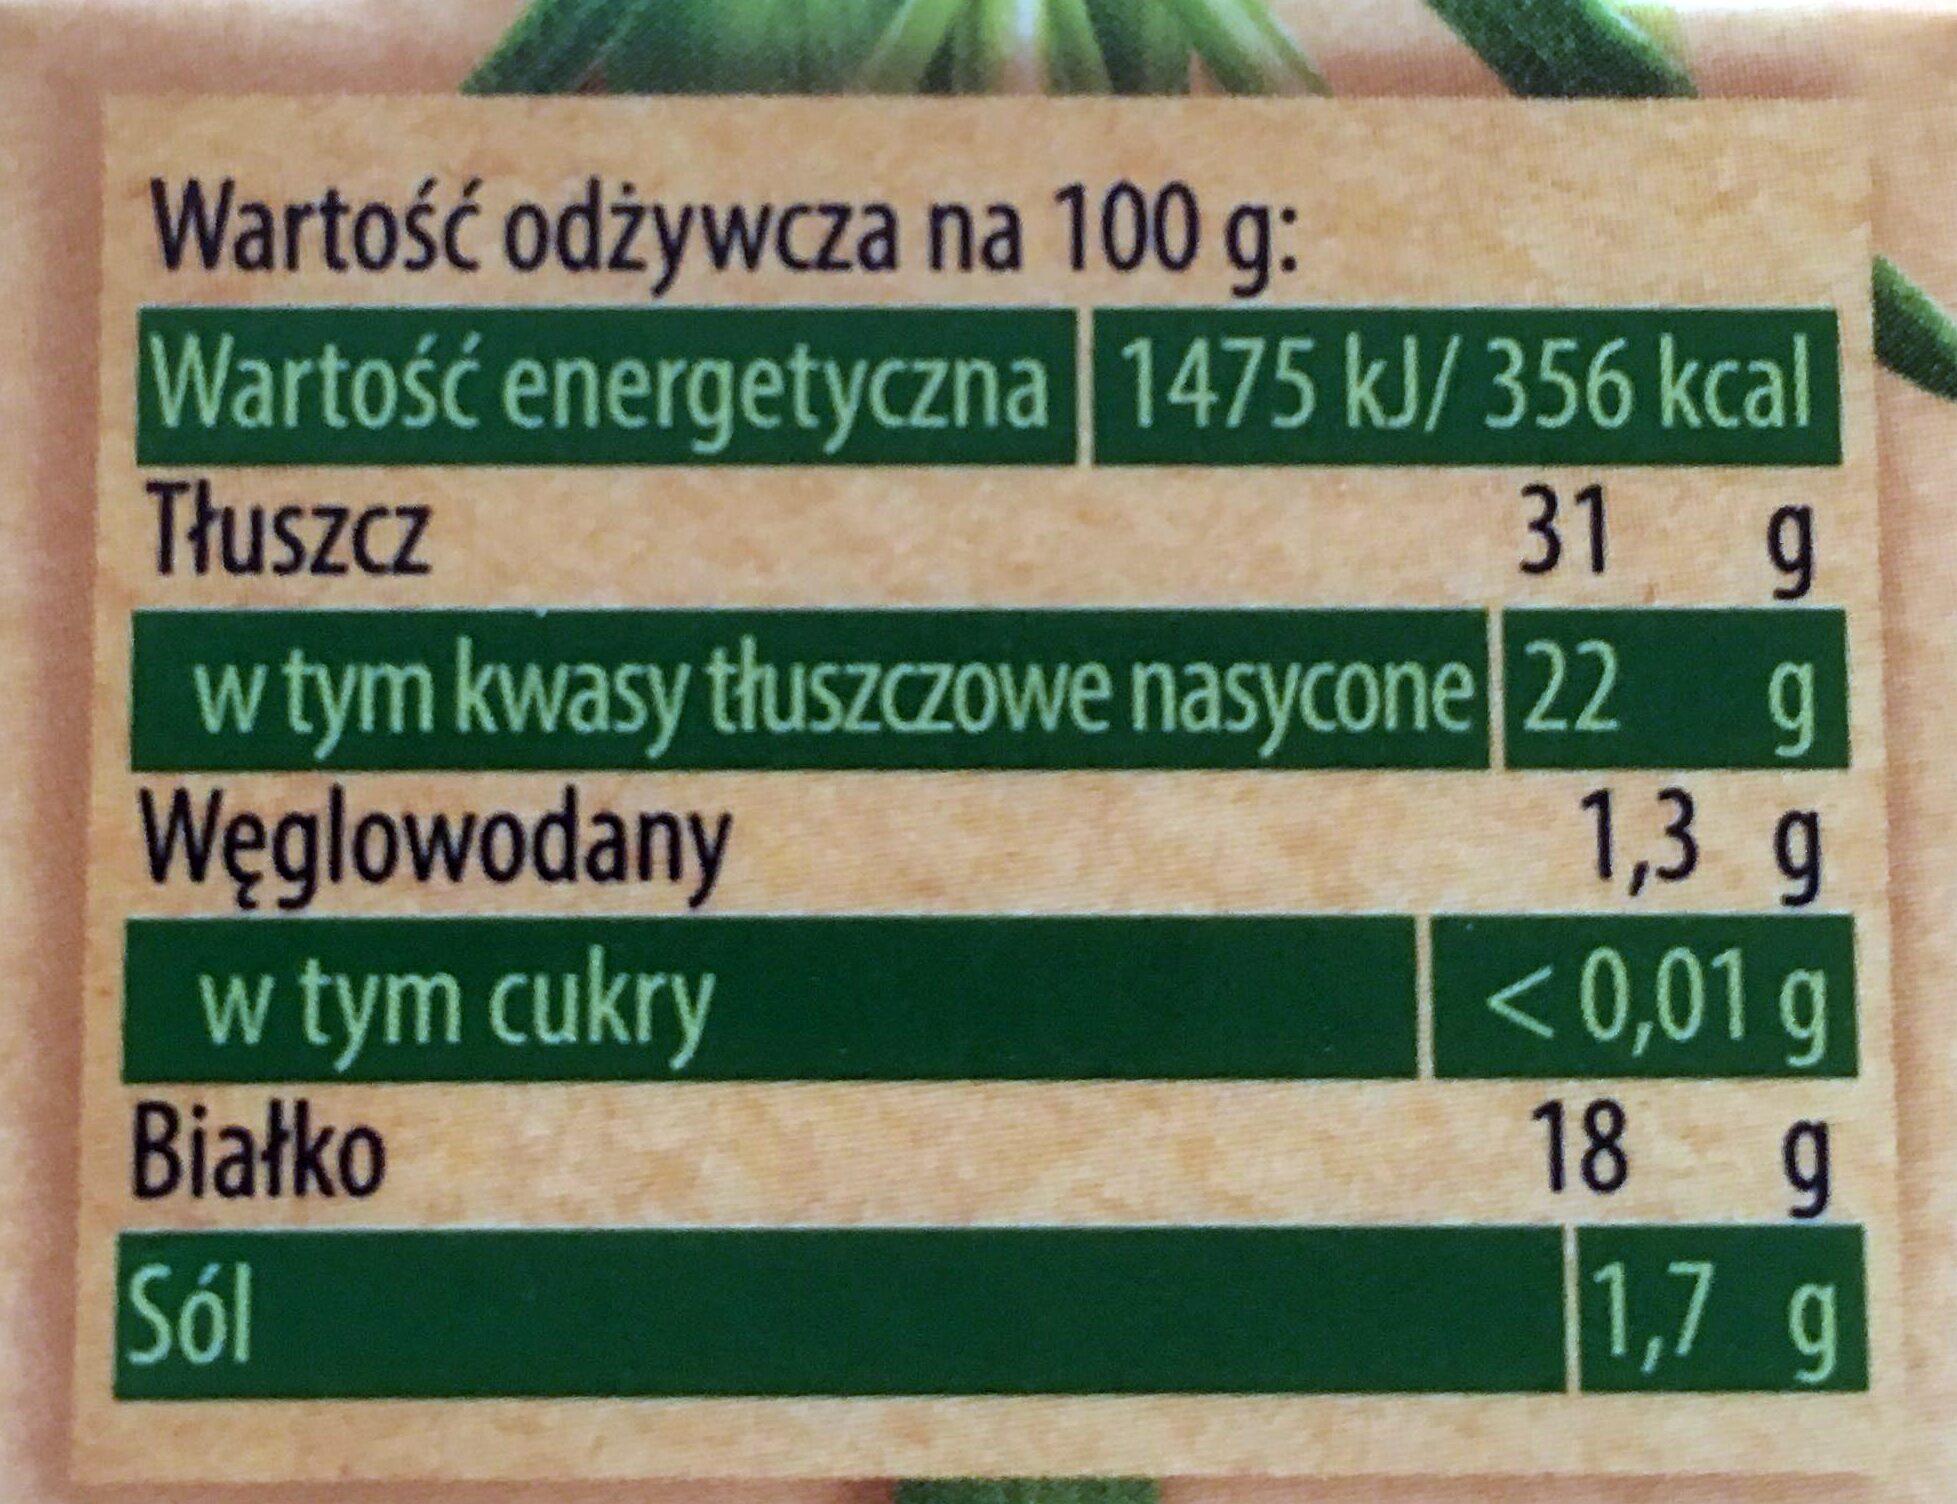 Ser pleśniowy camembert z ziołami - Wartości odżywcze - pl